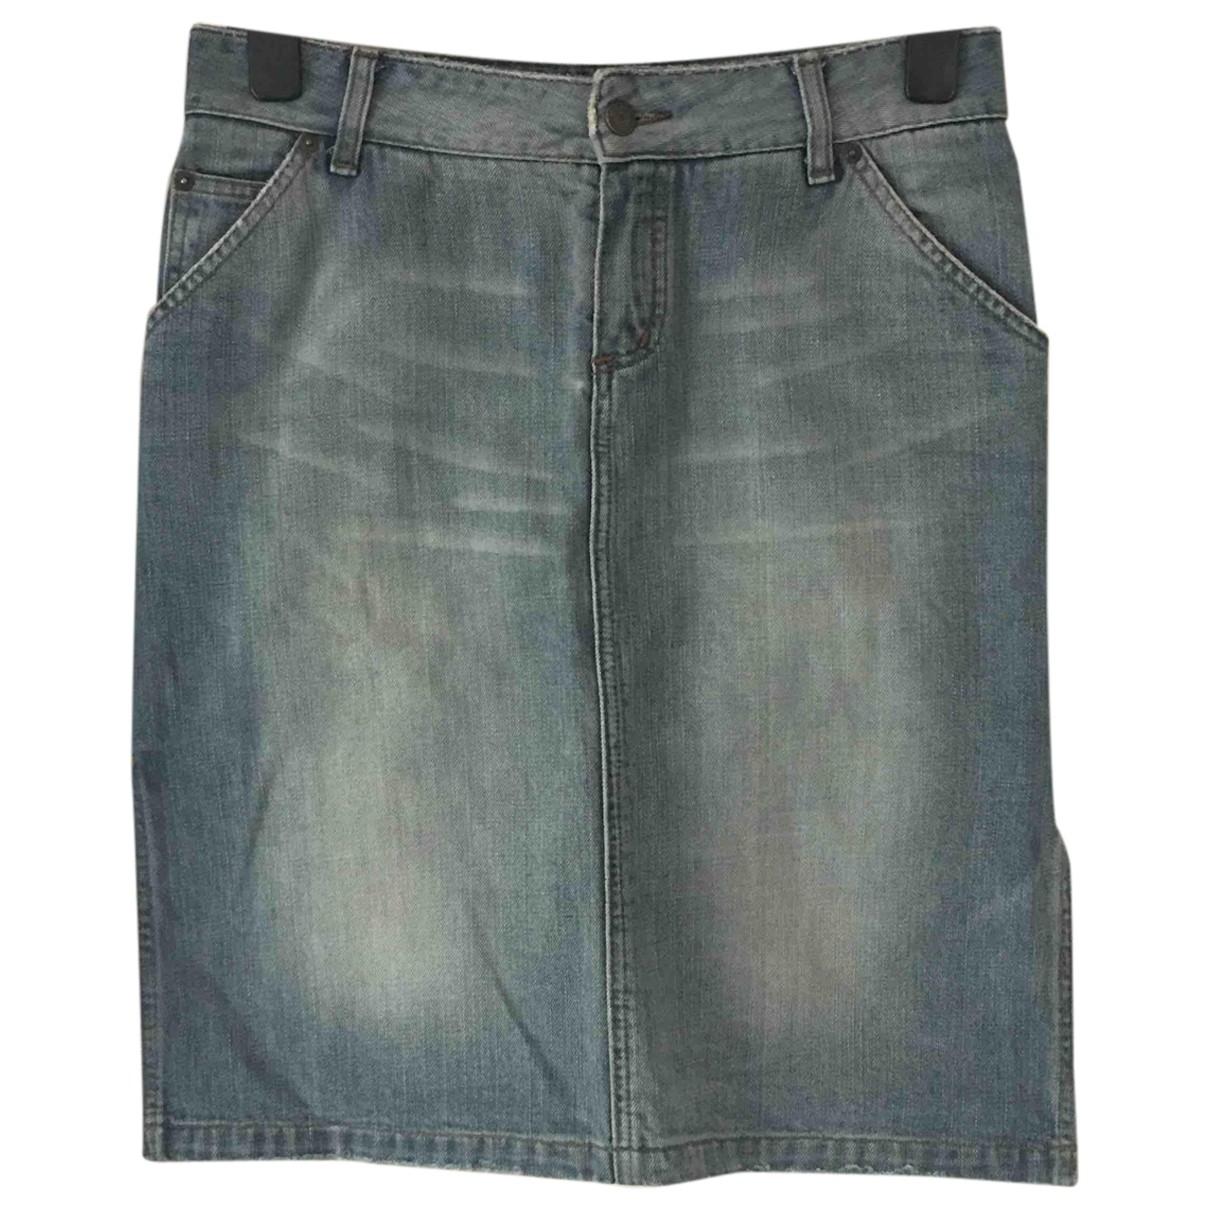 Massimo Dutti \N Blue Denim - Jeans skirt for Women 38 IT